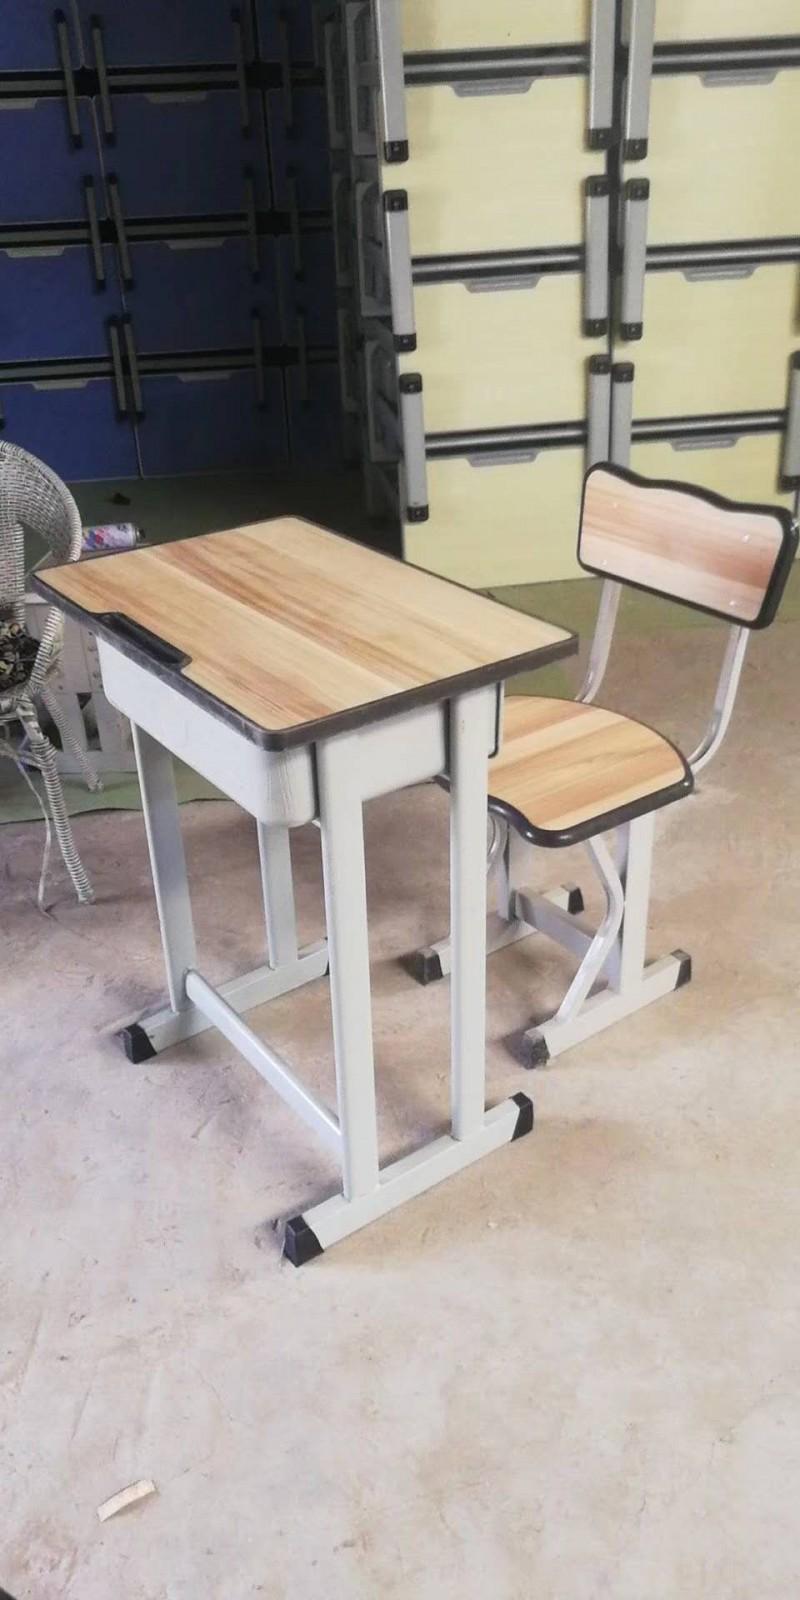 郑州市华闻家具公司供应学校培训机构使用单双人课桌椅